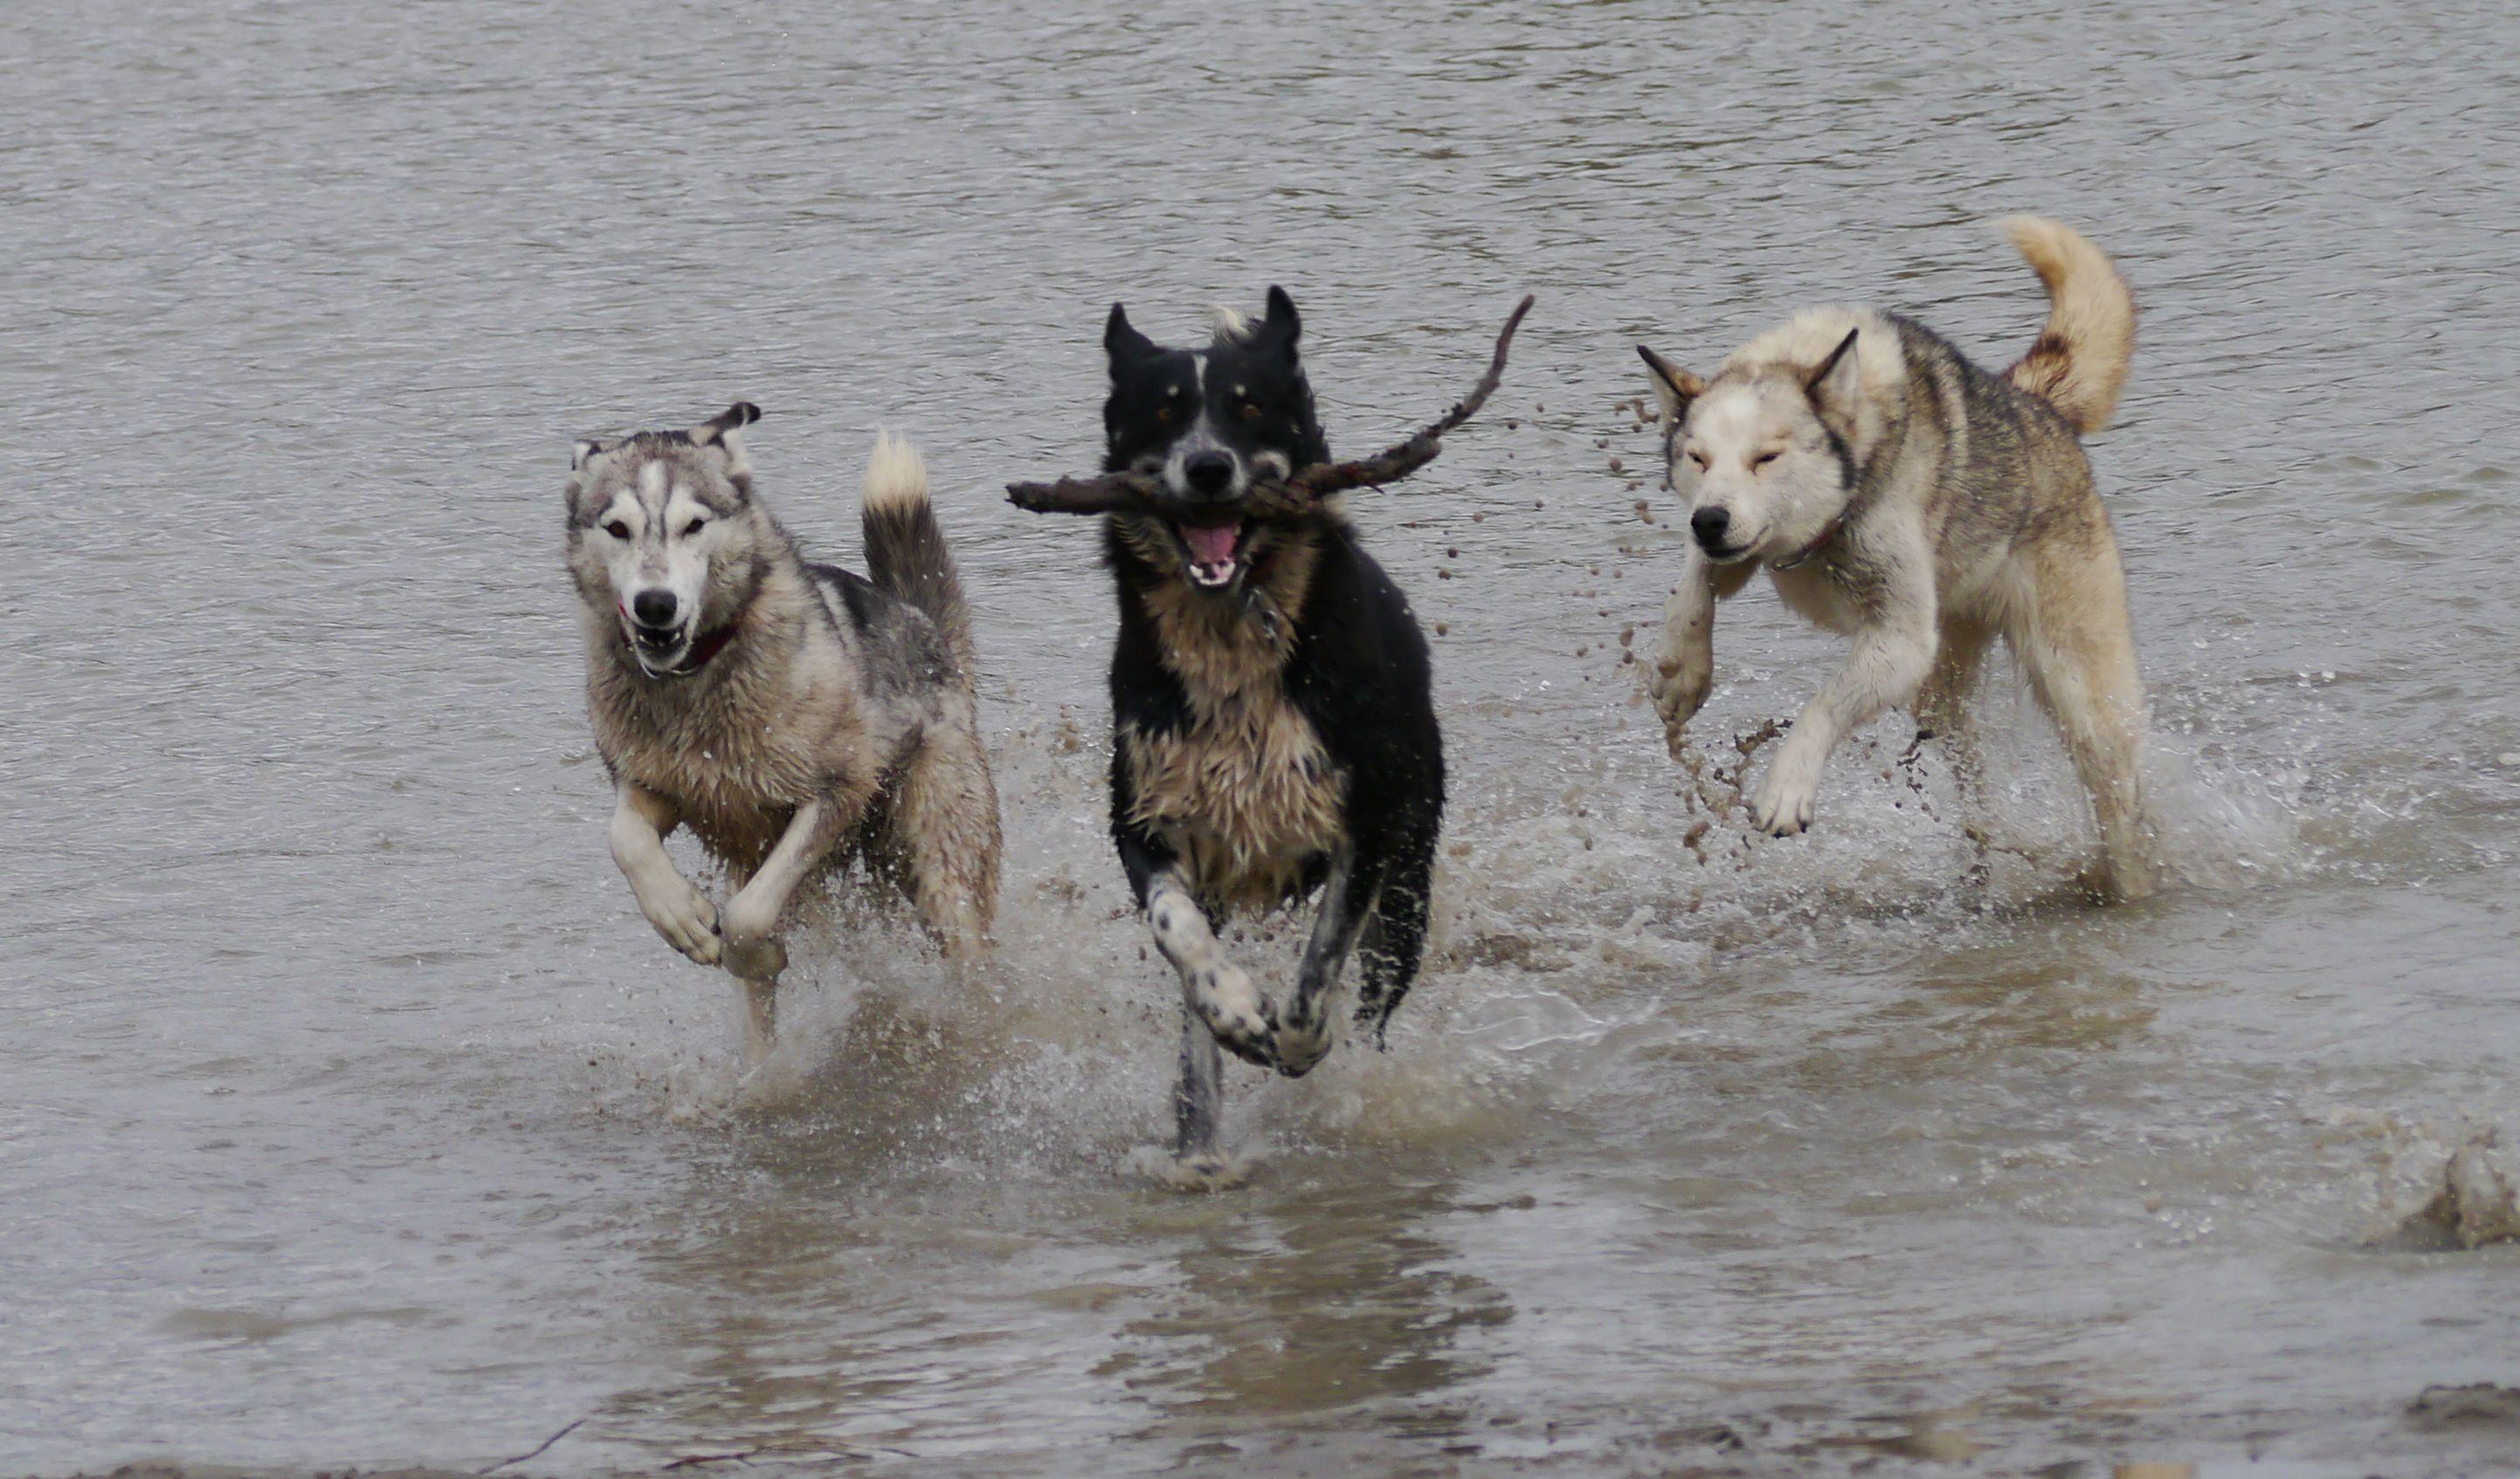 Daily River Fun